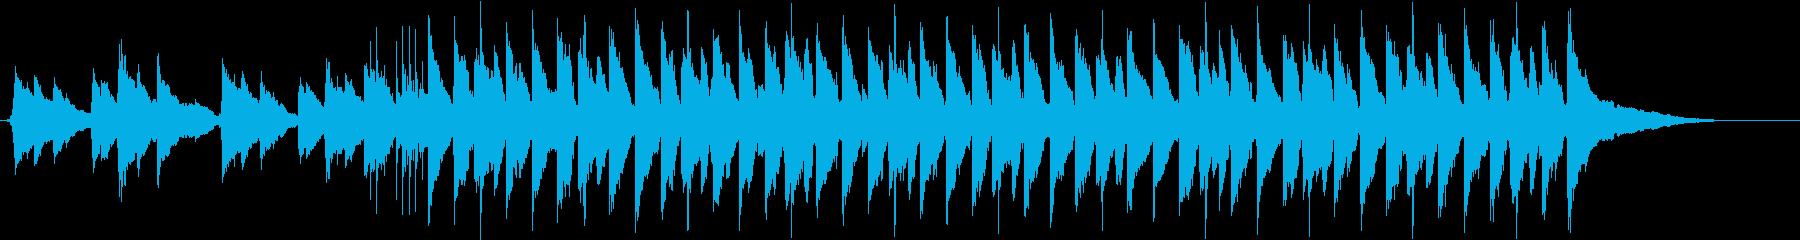 ピアノが光るゆったりさわやかなBGMの再生済みの波形